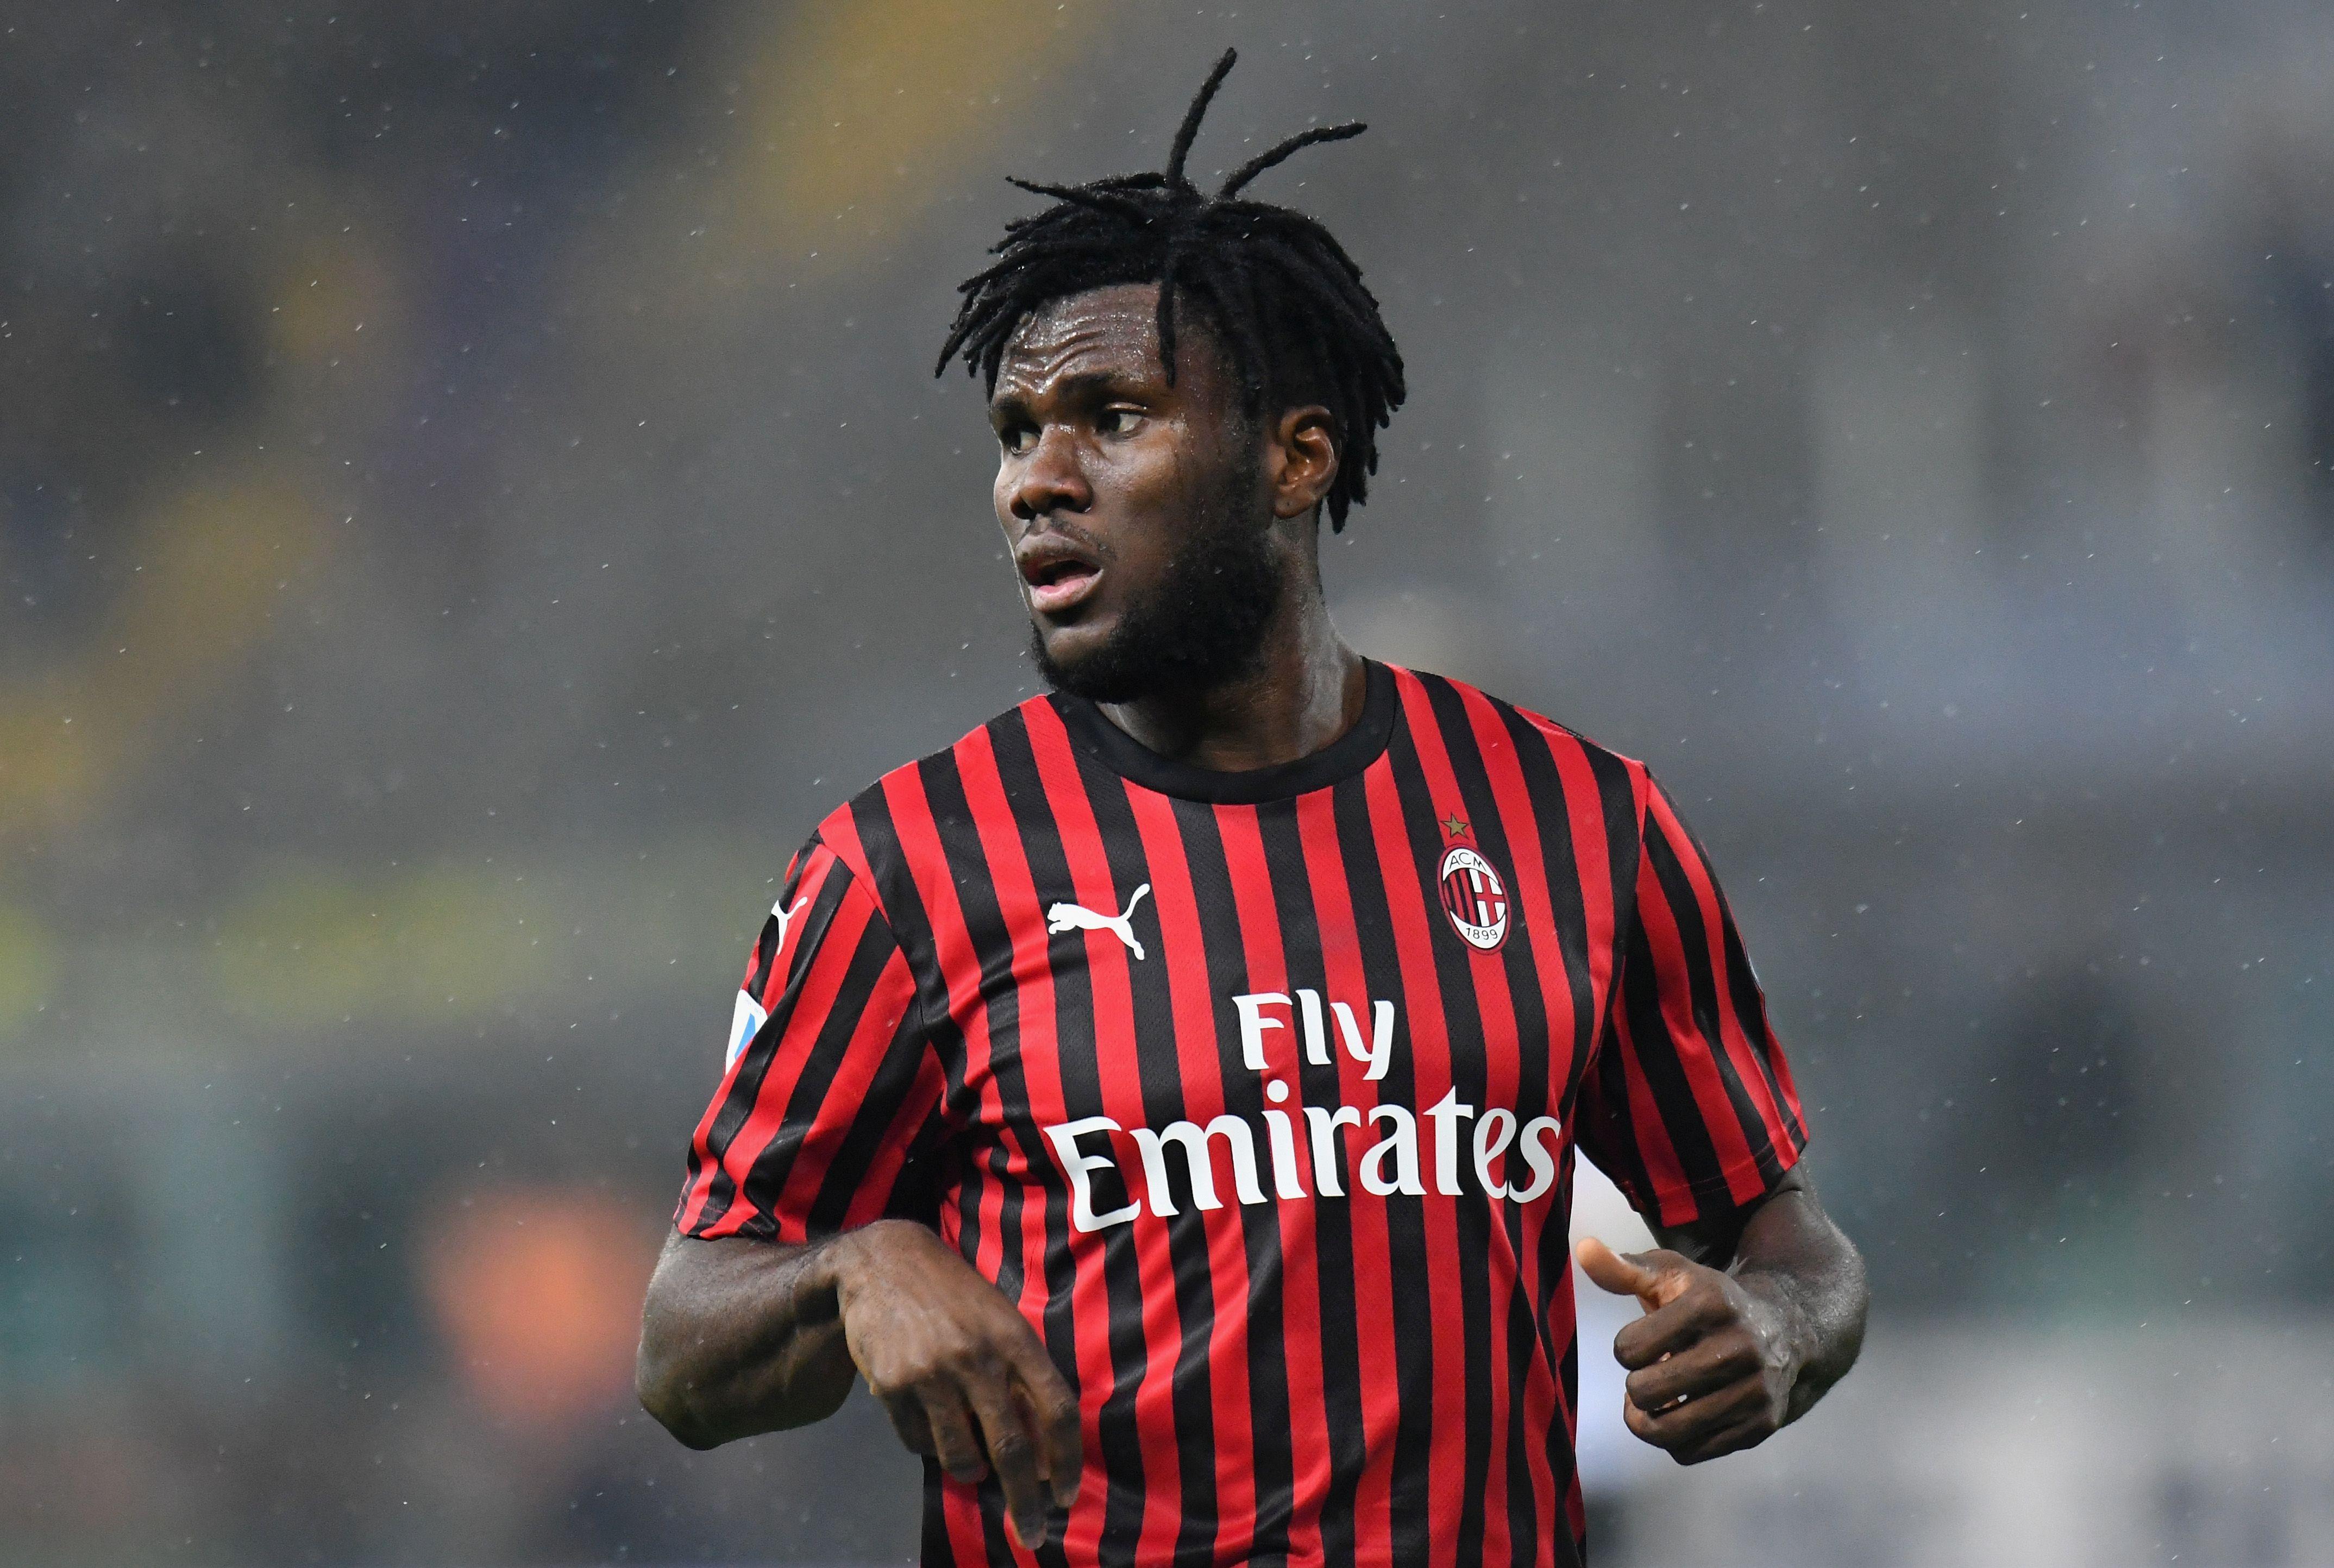 Все по-усилено се говори, че Милан е готов да се